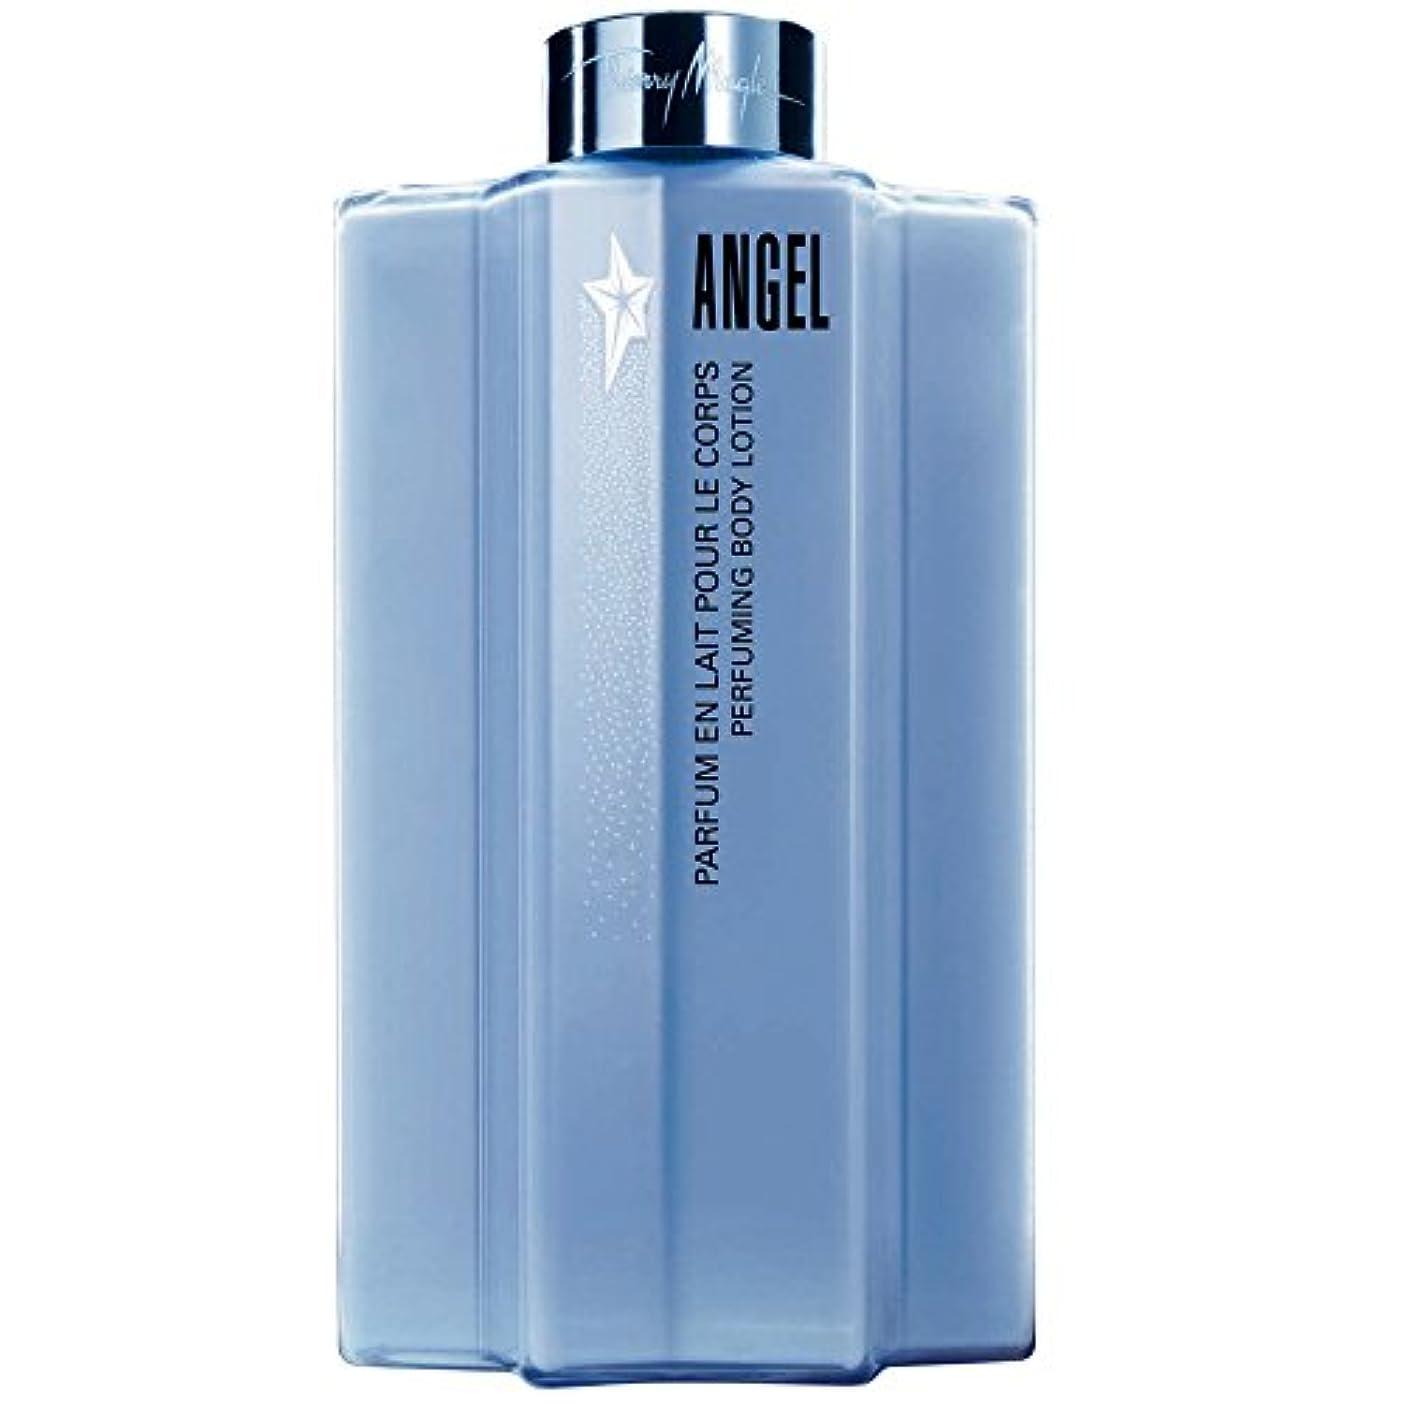 社員ロック代替ティエリー?ミュグレー天使のボディローション (Thierry Mugler) (x2) - Thierry Mugler Angel Body Lotion (Pack of 2) [並行輸入品]